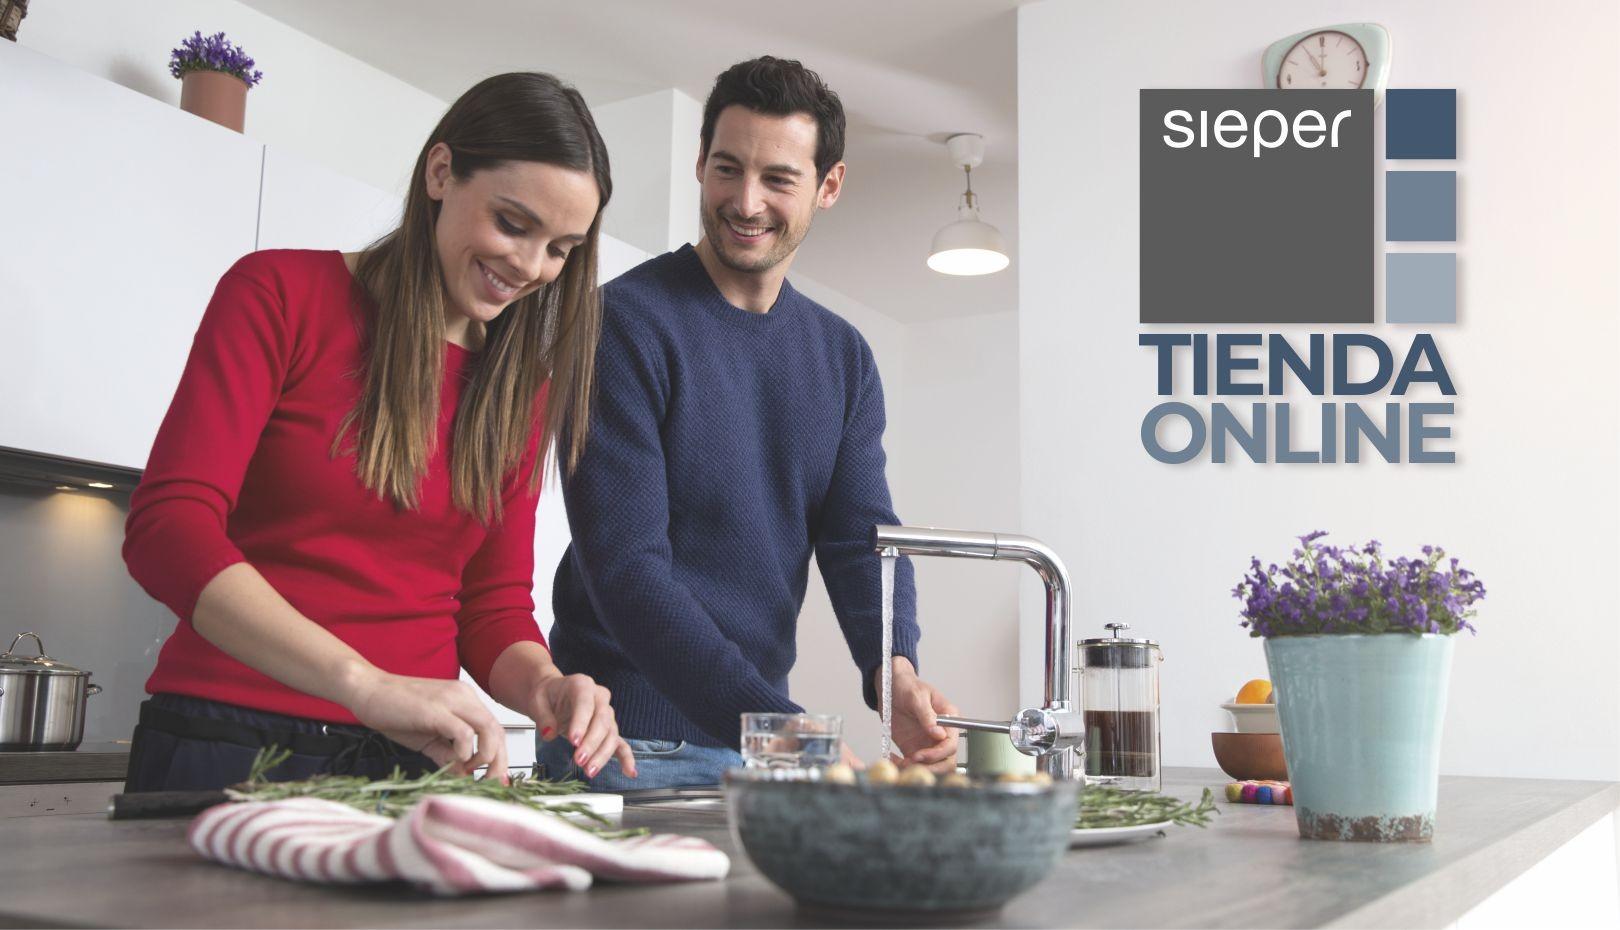 Tienda online Sieper